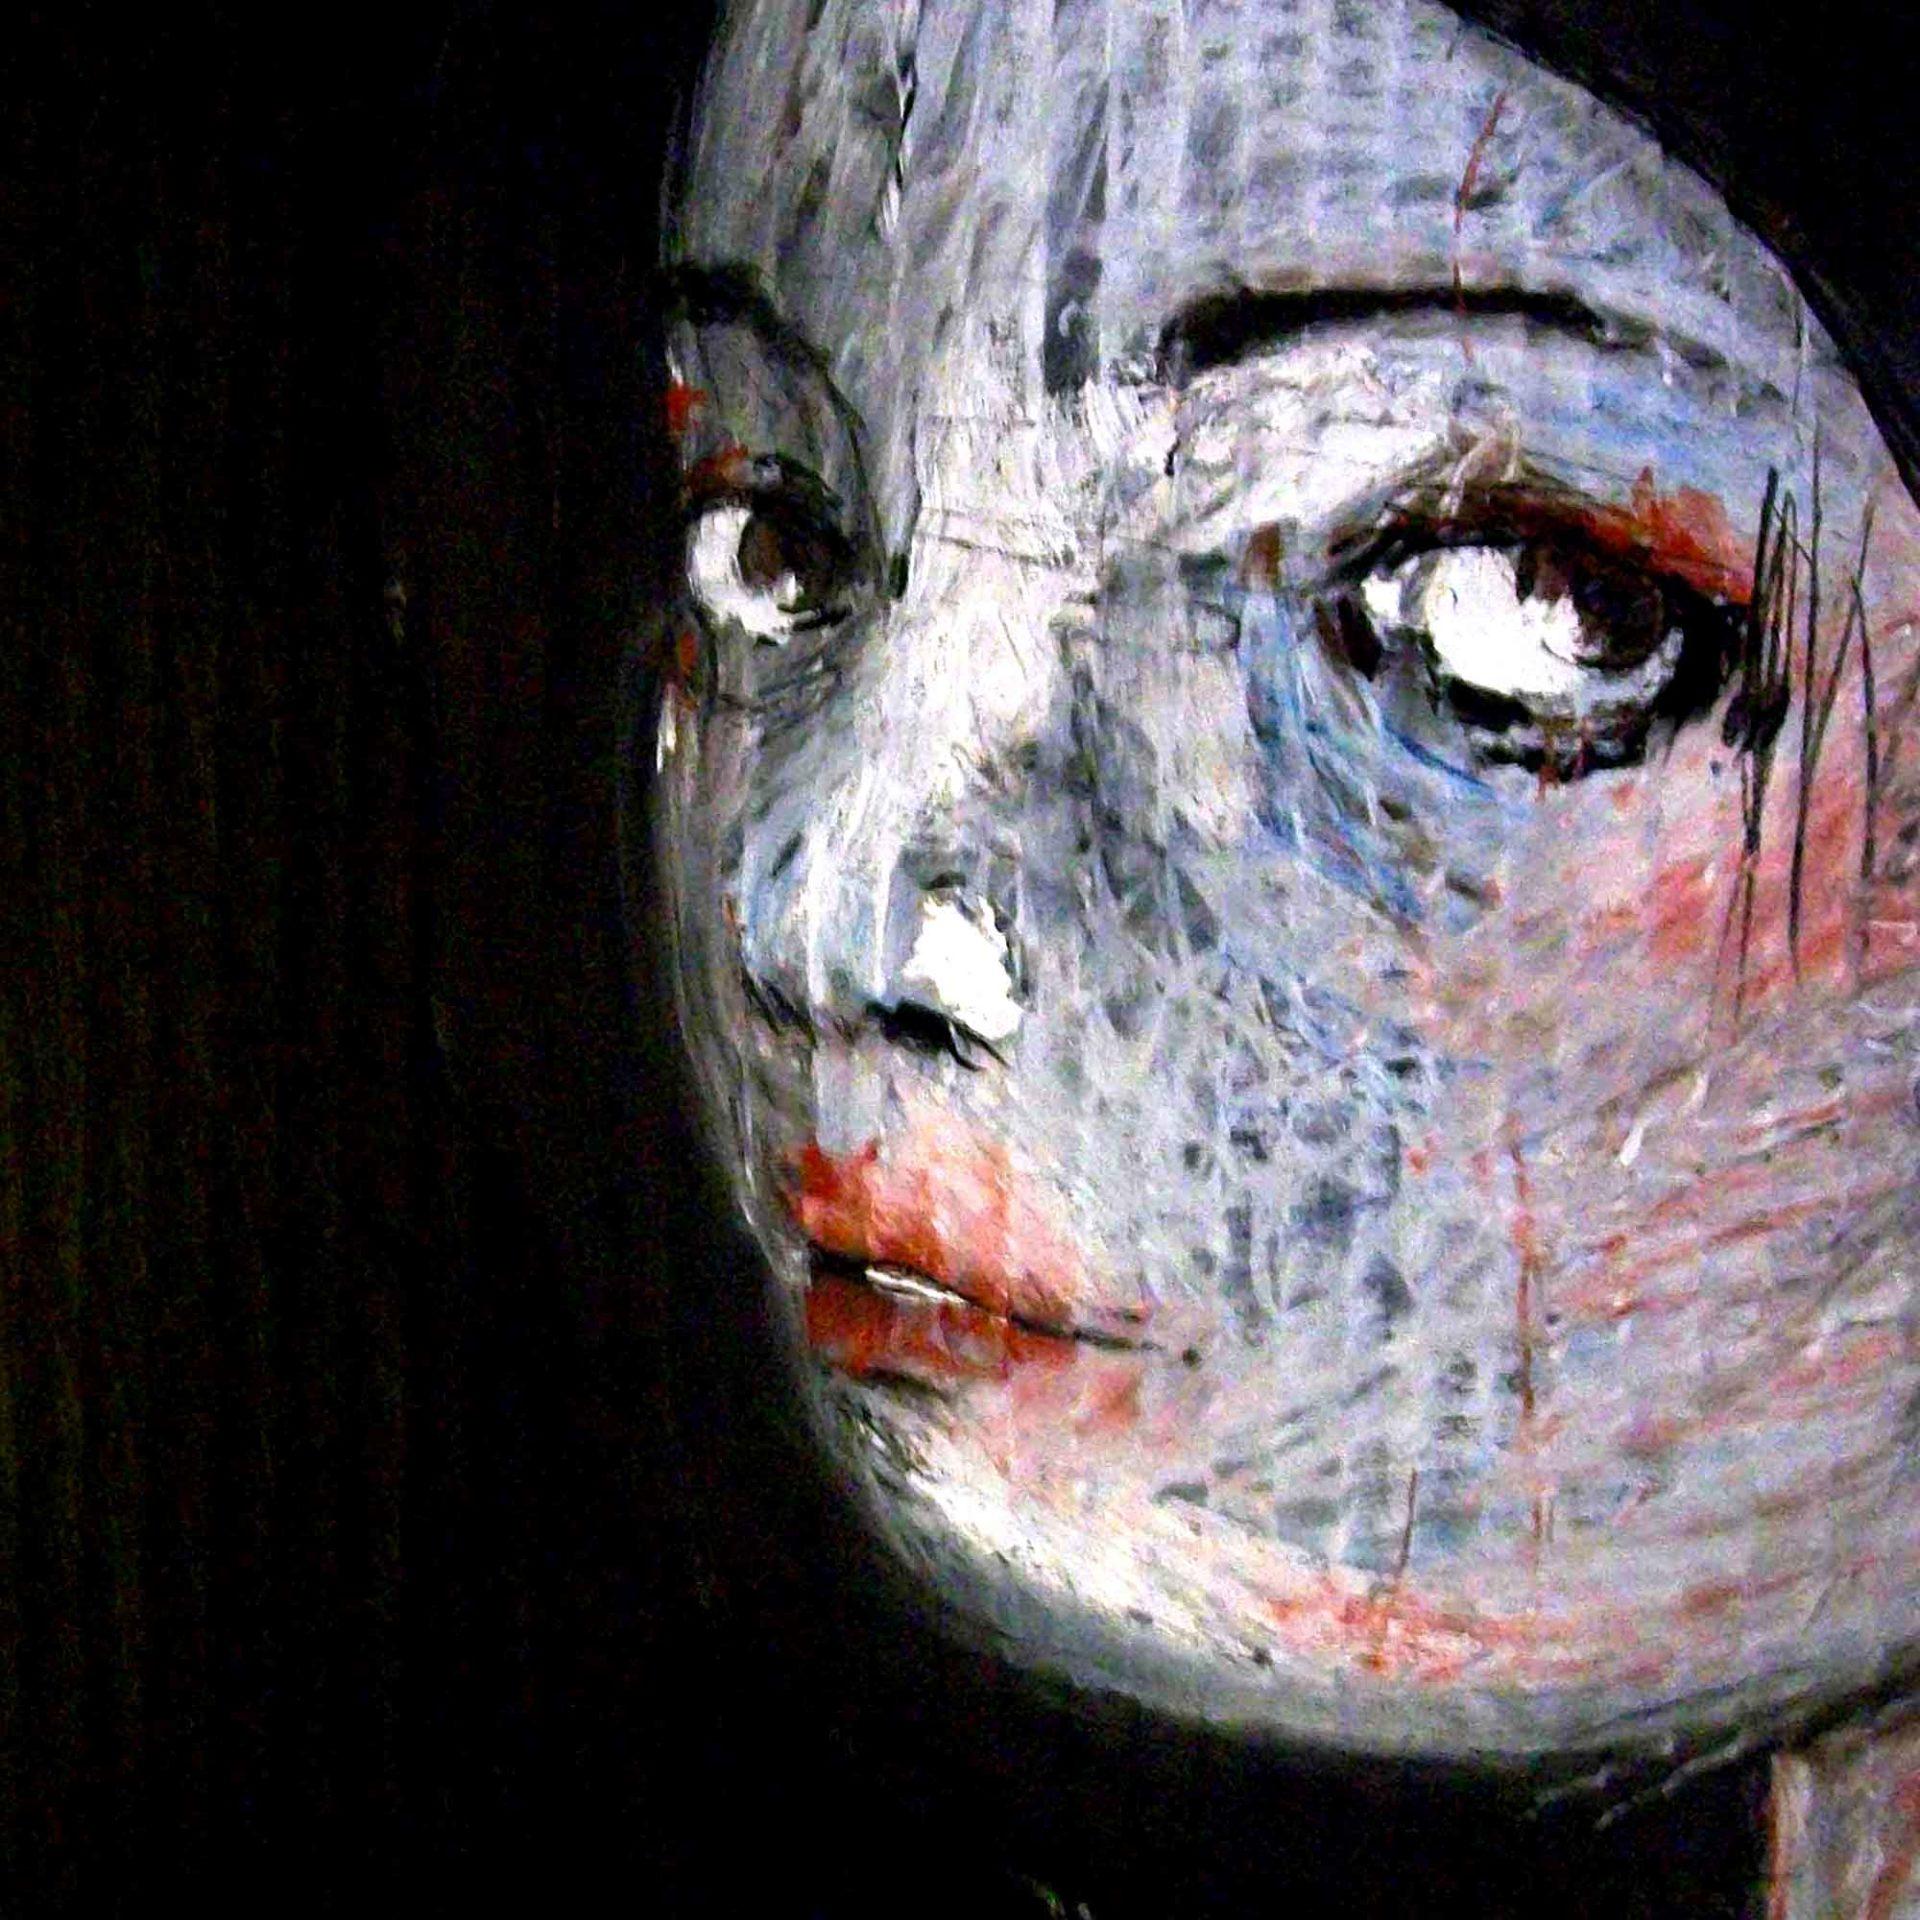 2013 Ragazza con l'orecchino di plastica, quadro ad acrilico di Diego Gabriele